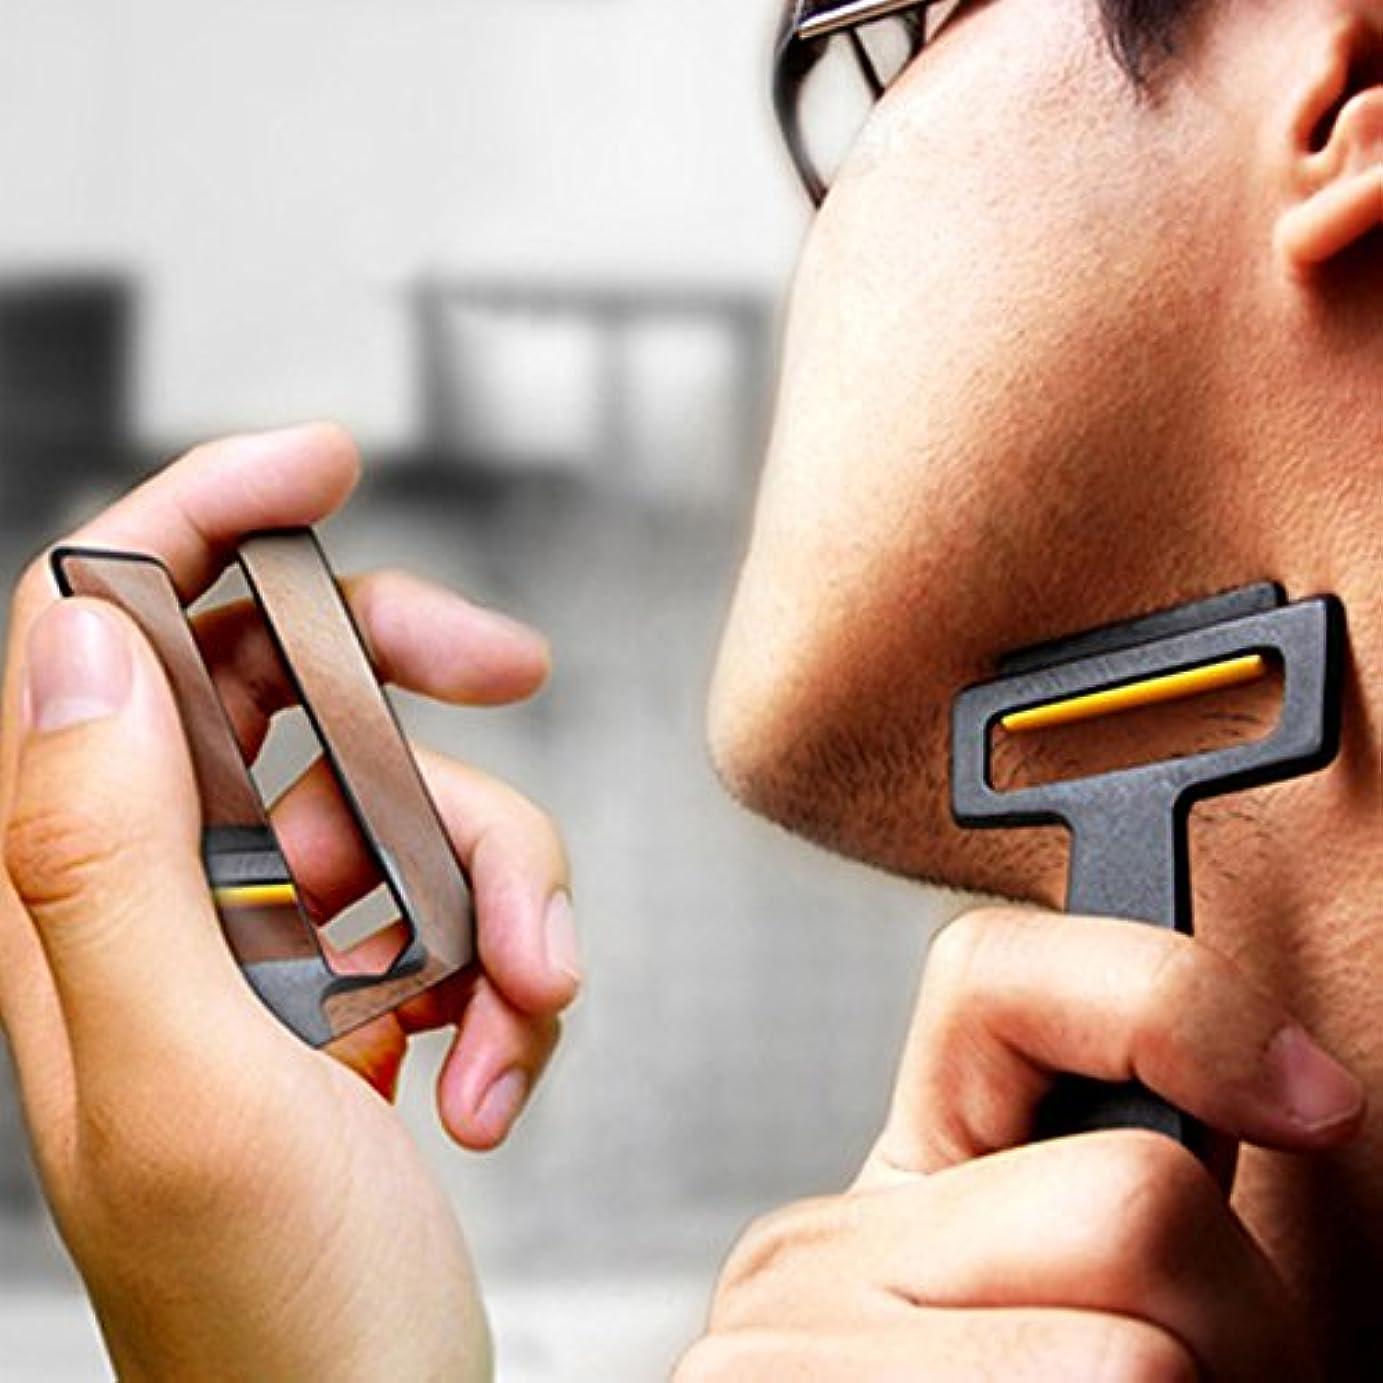 登録うなり声ファームPogass Carzor 3 In 1 Card設計された財布ミニかみそりビードポータブルひげ剃りミラースタンドキット